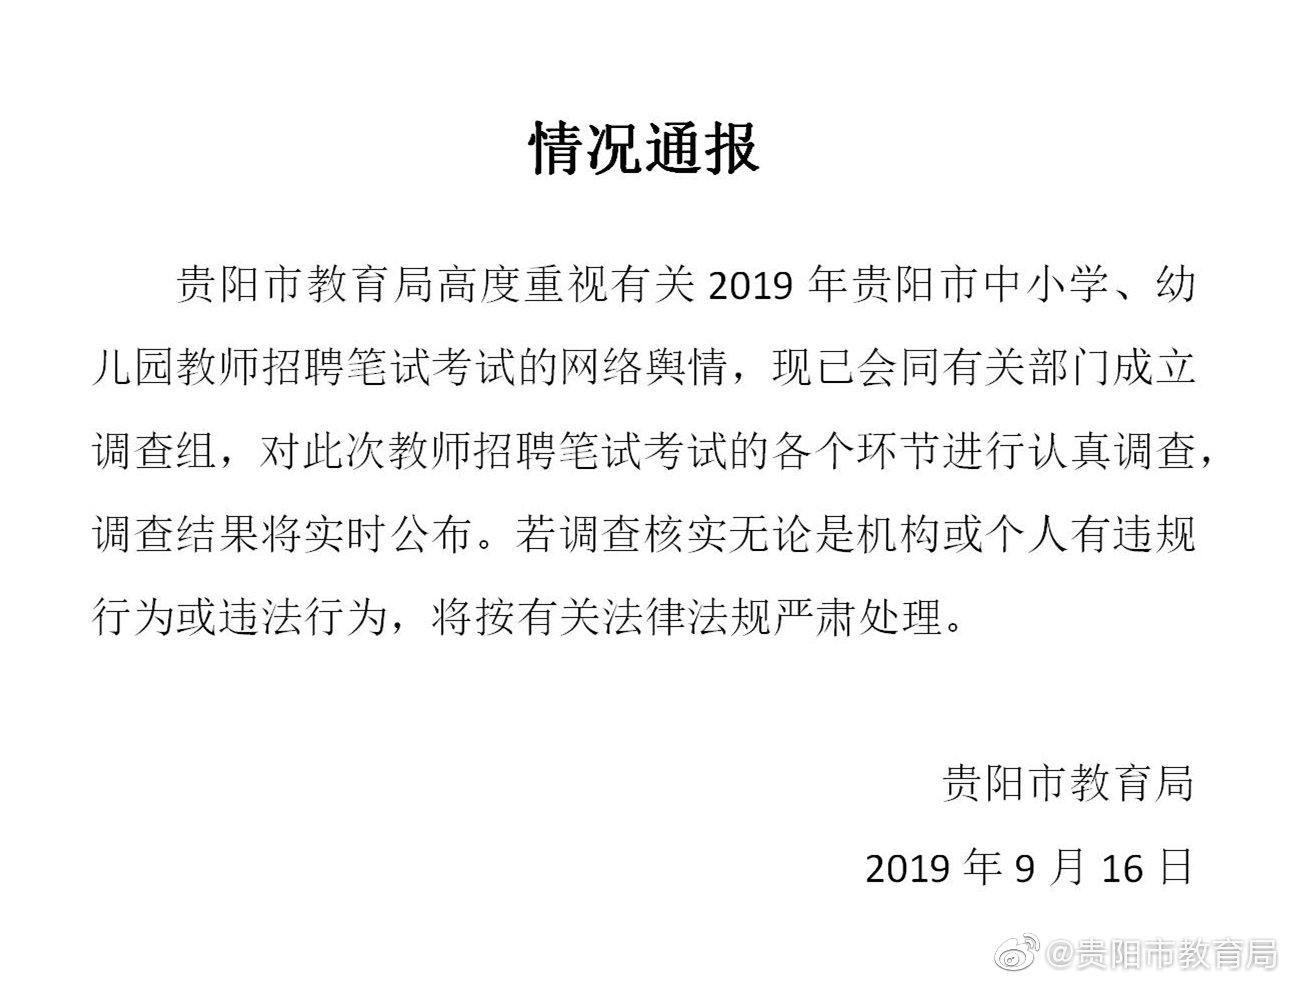 教师招考疑似泄题 贵阳市教育局回应:已成立调查组